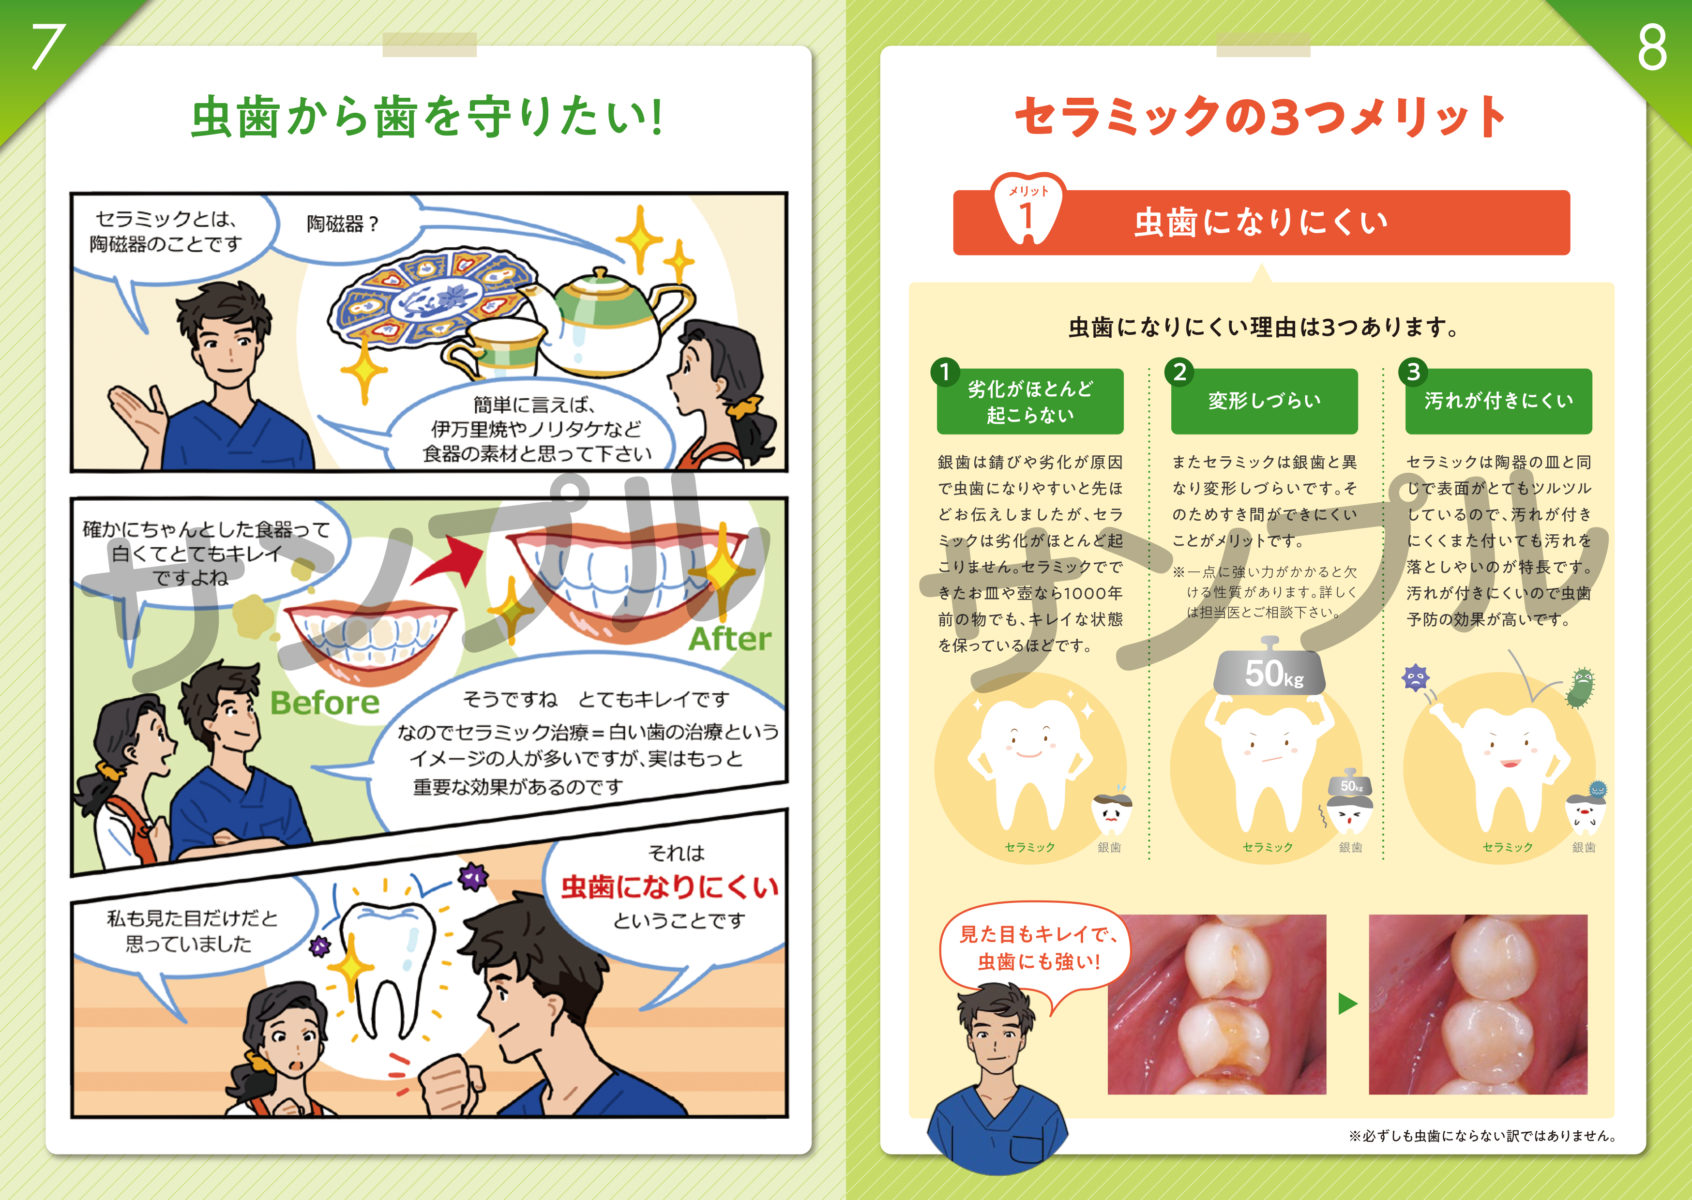 虫歯になる原因とセラミックの効果サンプル画像3